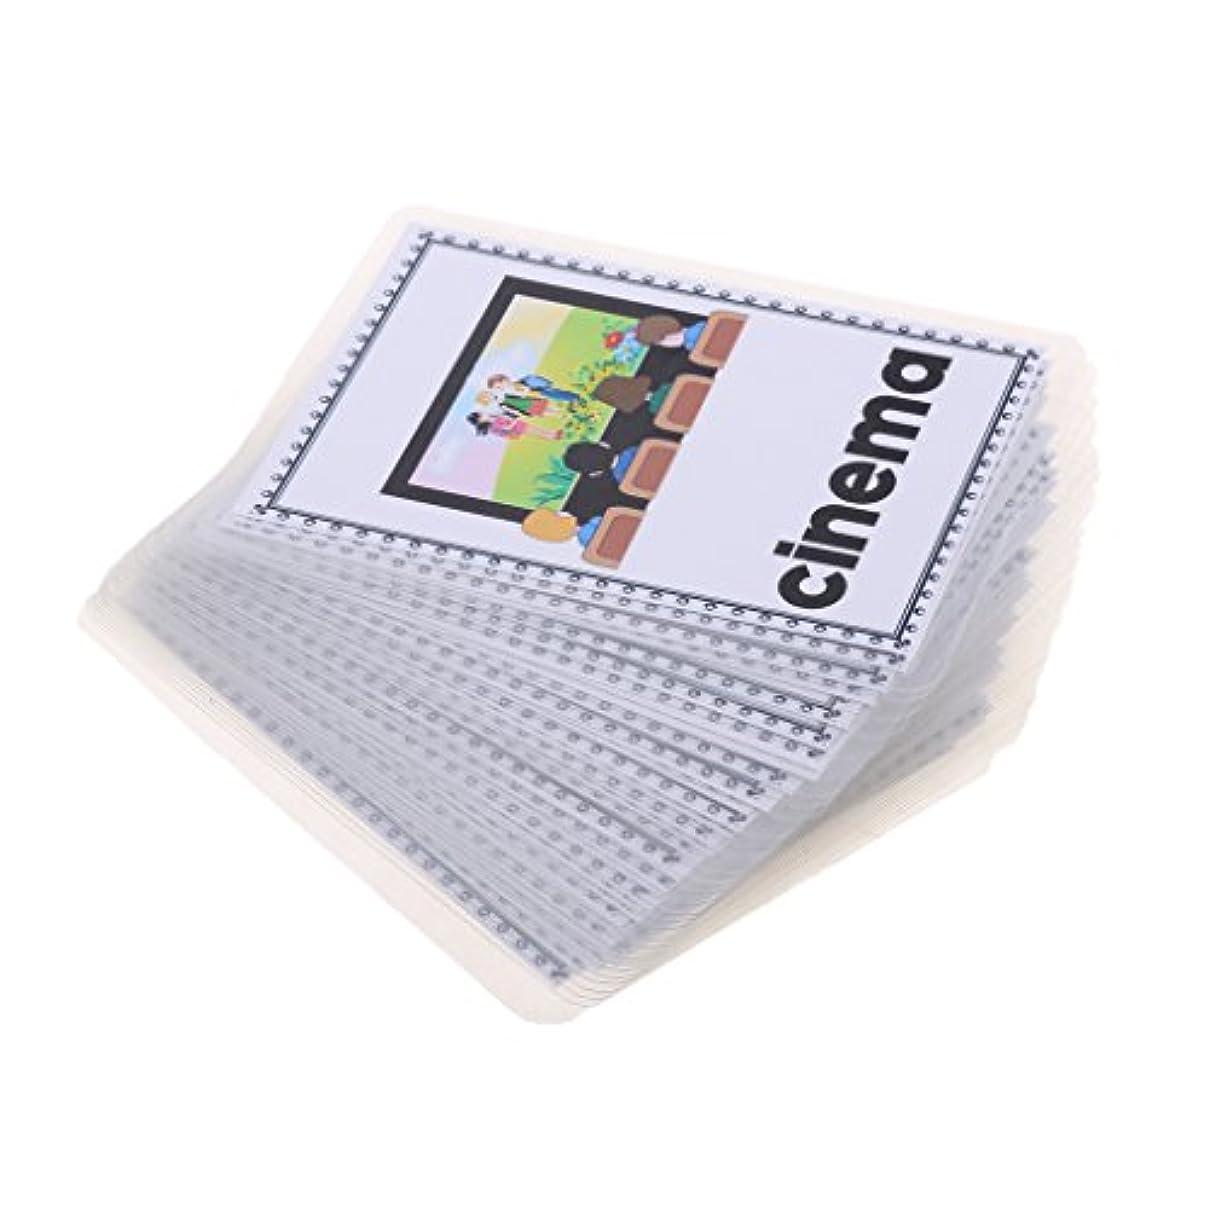 シリング非常に君主制赤ちゃん 子供 早期 英語学習 語彙+画像 勉強カード ゲーム 教育玩具 幼稚園 知育 フラッシュカード  全6種類 - 建物のサイト